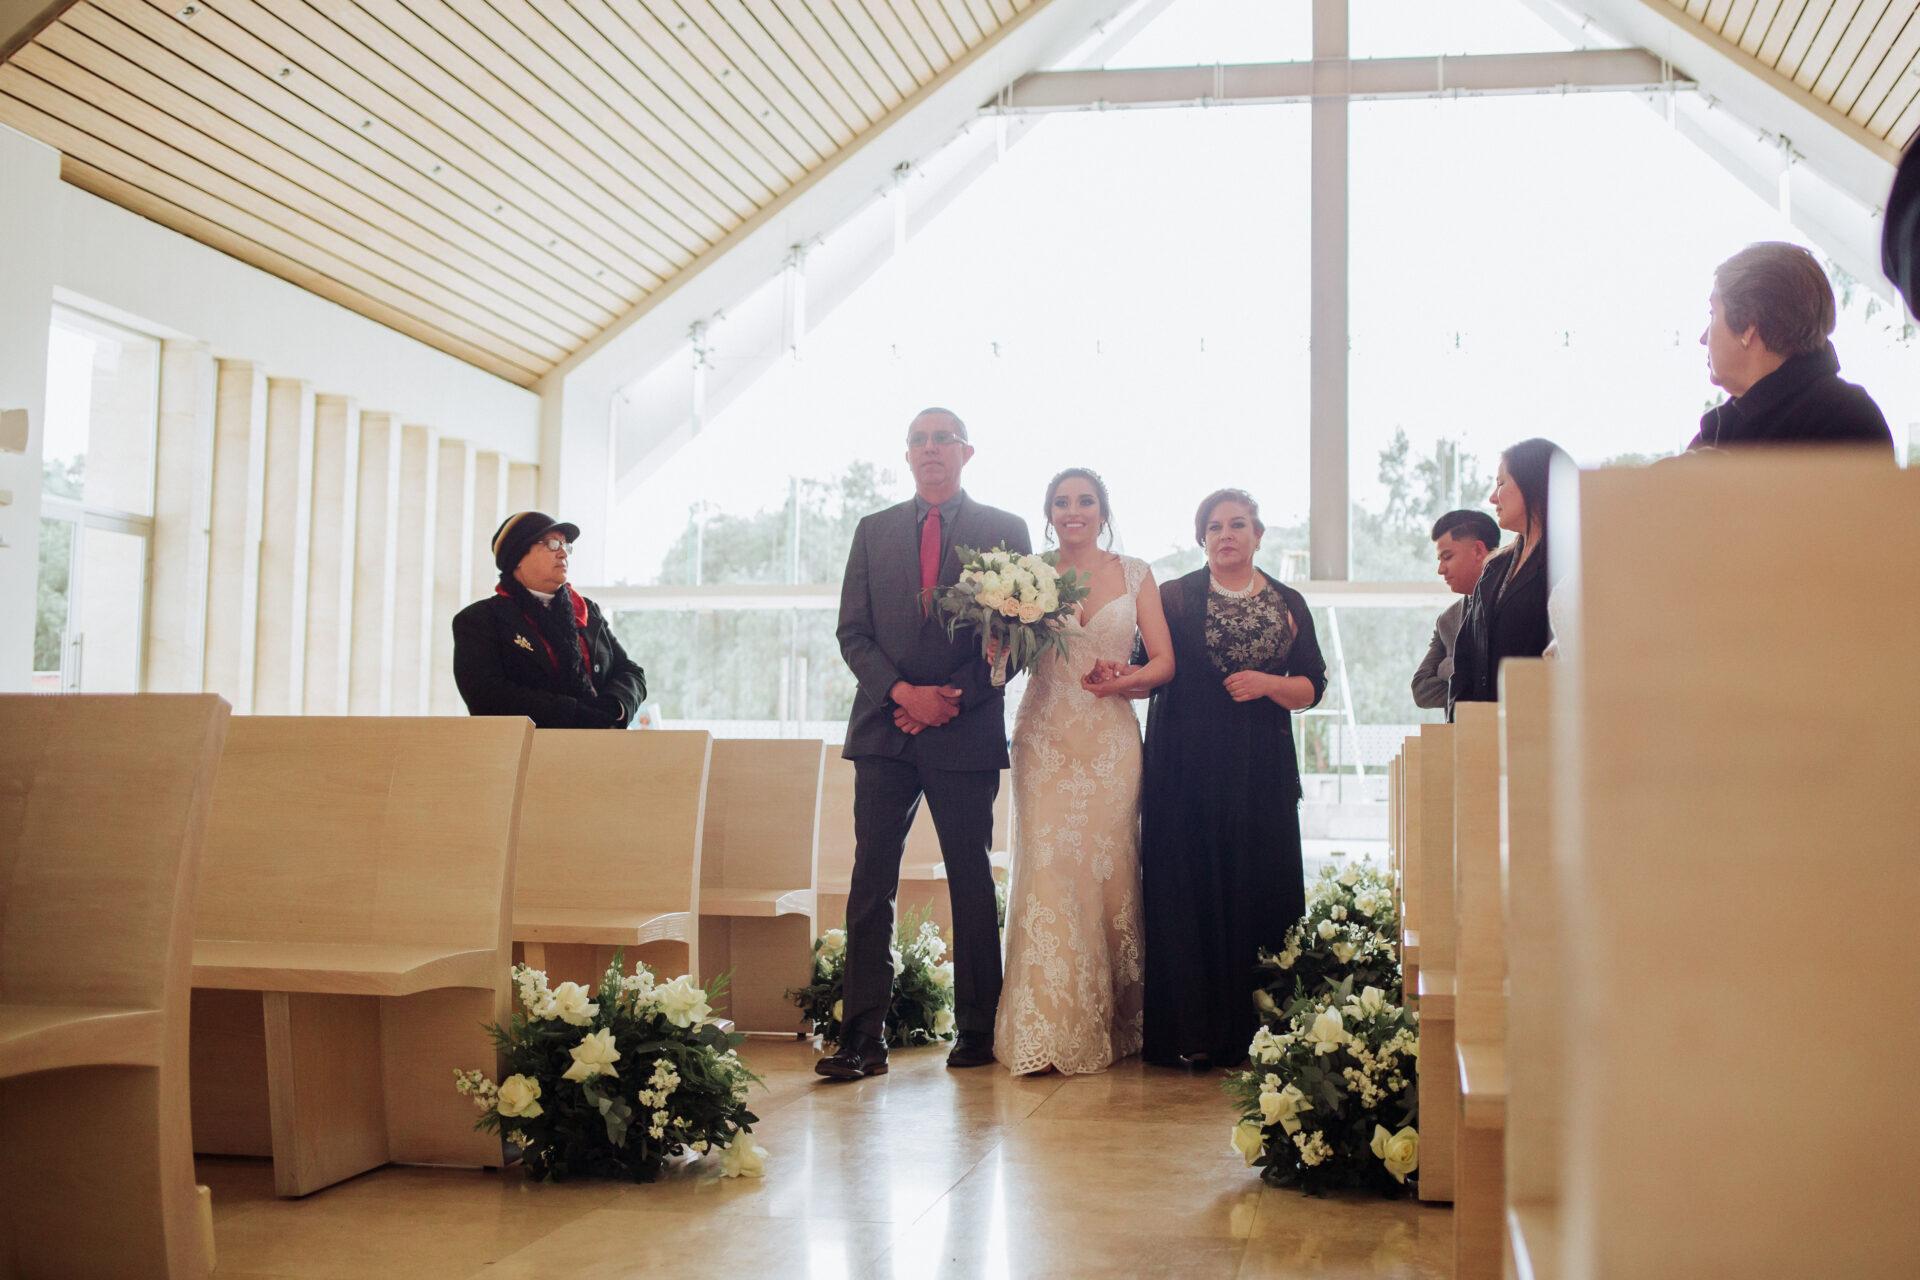 javier_noriega_fotografo_Boda_san_ramon_zacatecas_wedding_photographer7